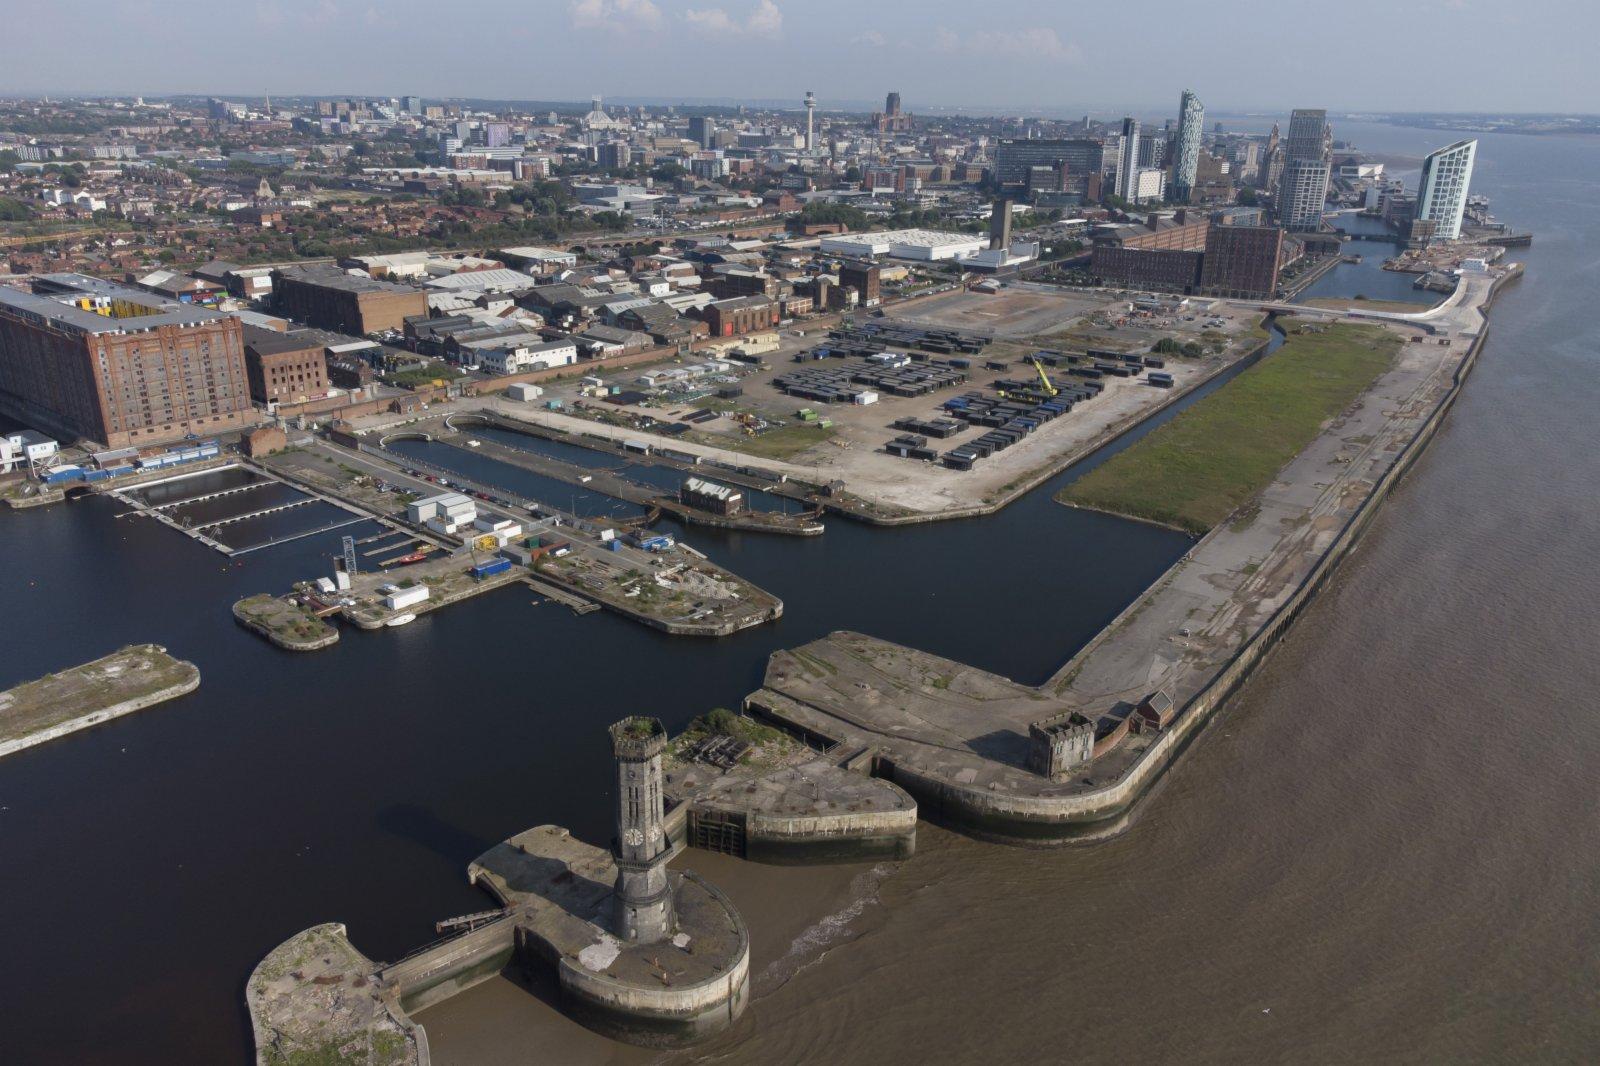 這是7月21日在英國利物浦拍攝的利物浦海上商城碼頭區(無人機照片)。當地足球俱樂部計劃在此處興建一座現代化足球場。(新華社)